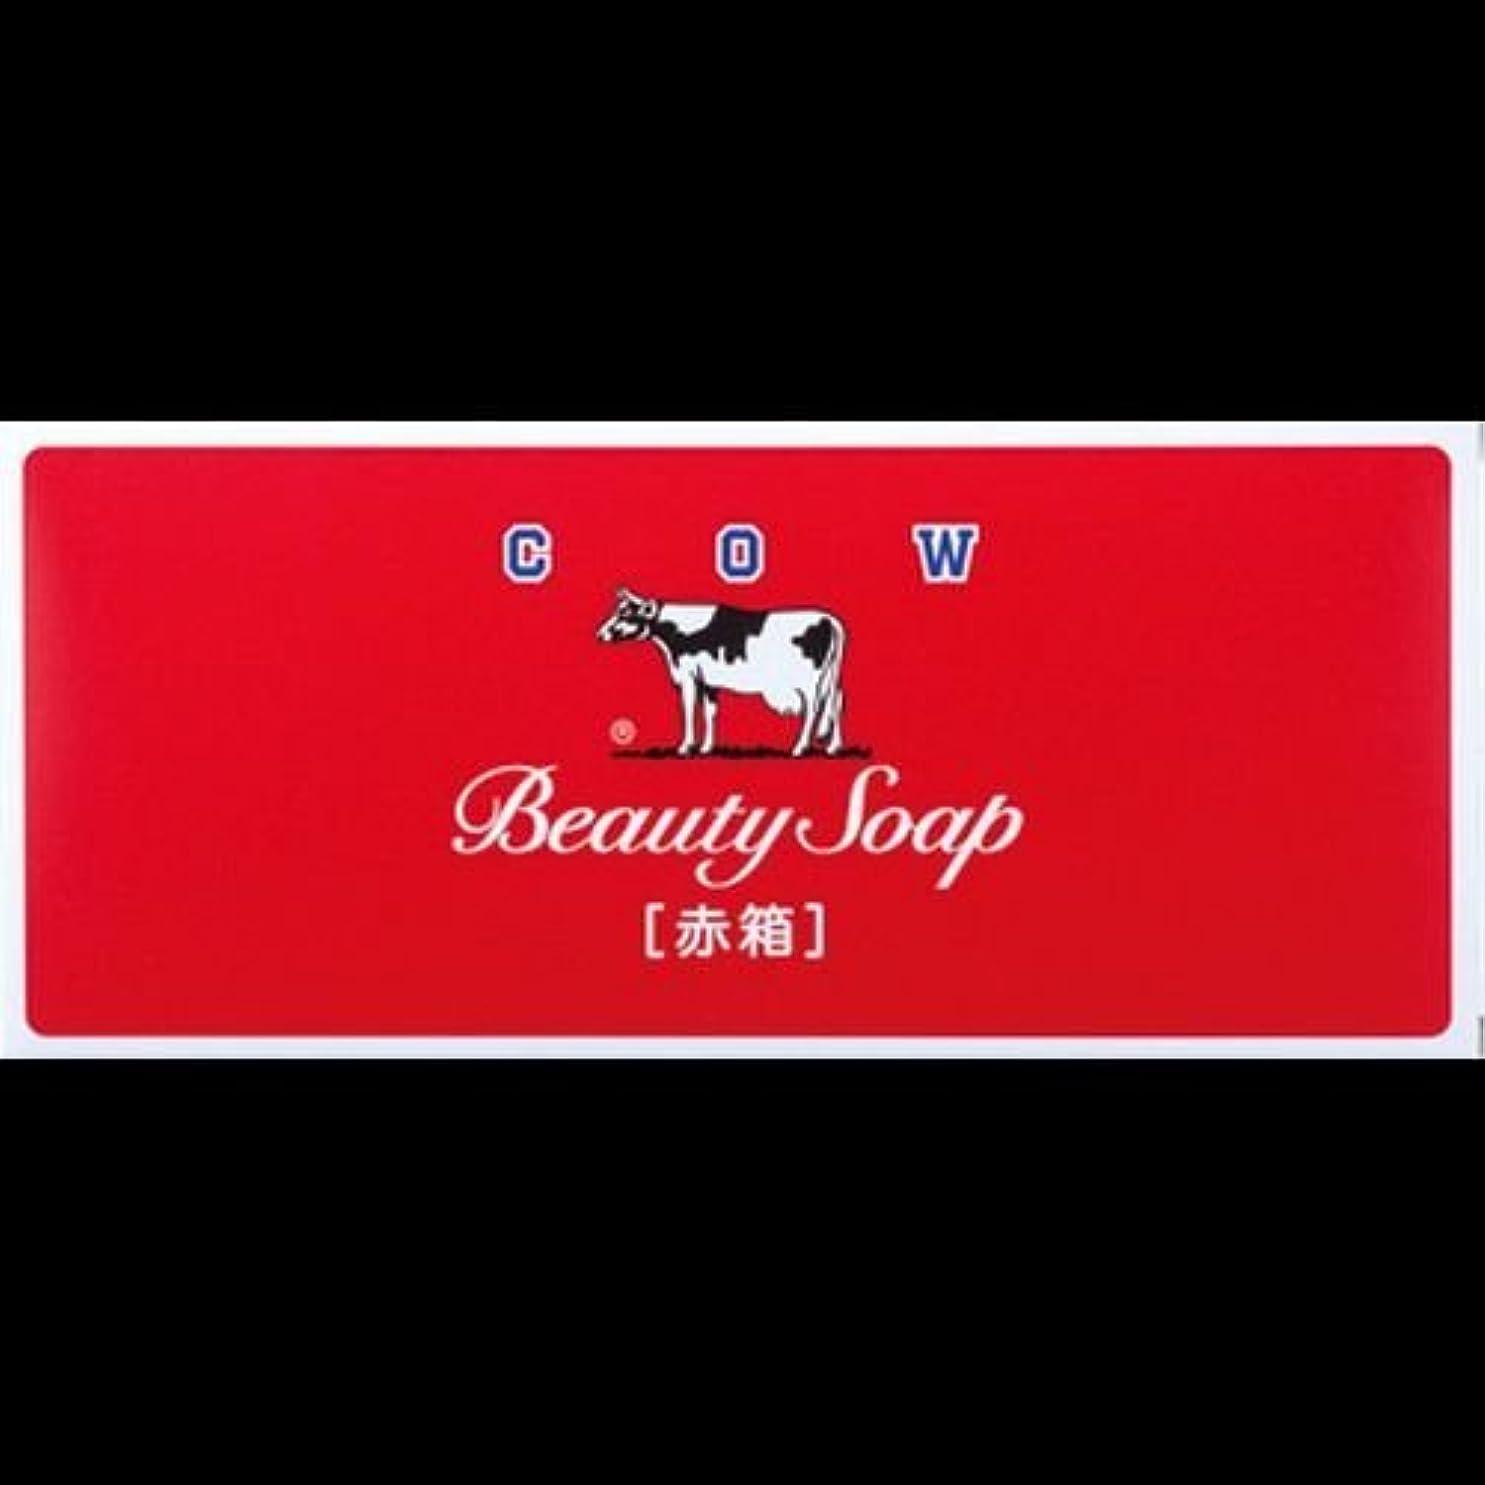 アクセル批評れんが【まとめ買い】カウブランド石鹸 赤箱100g*6個 ×2セット